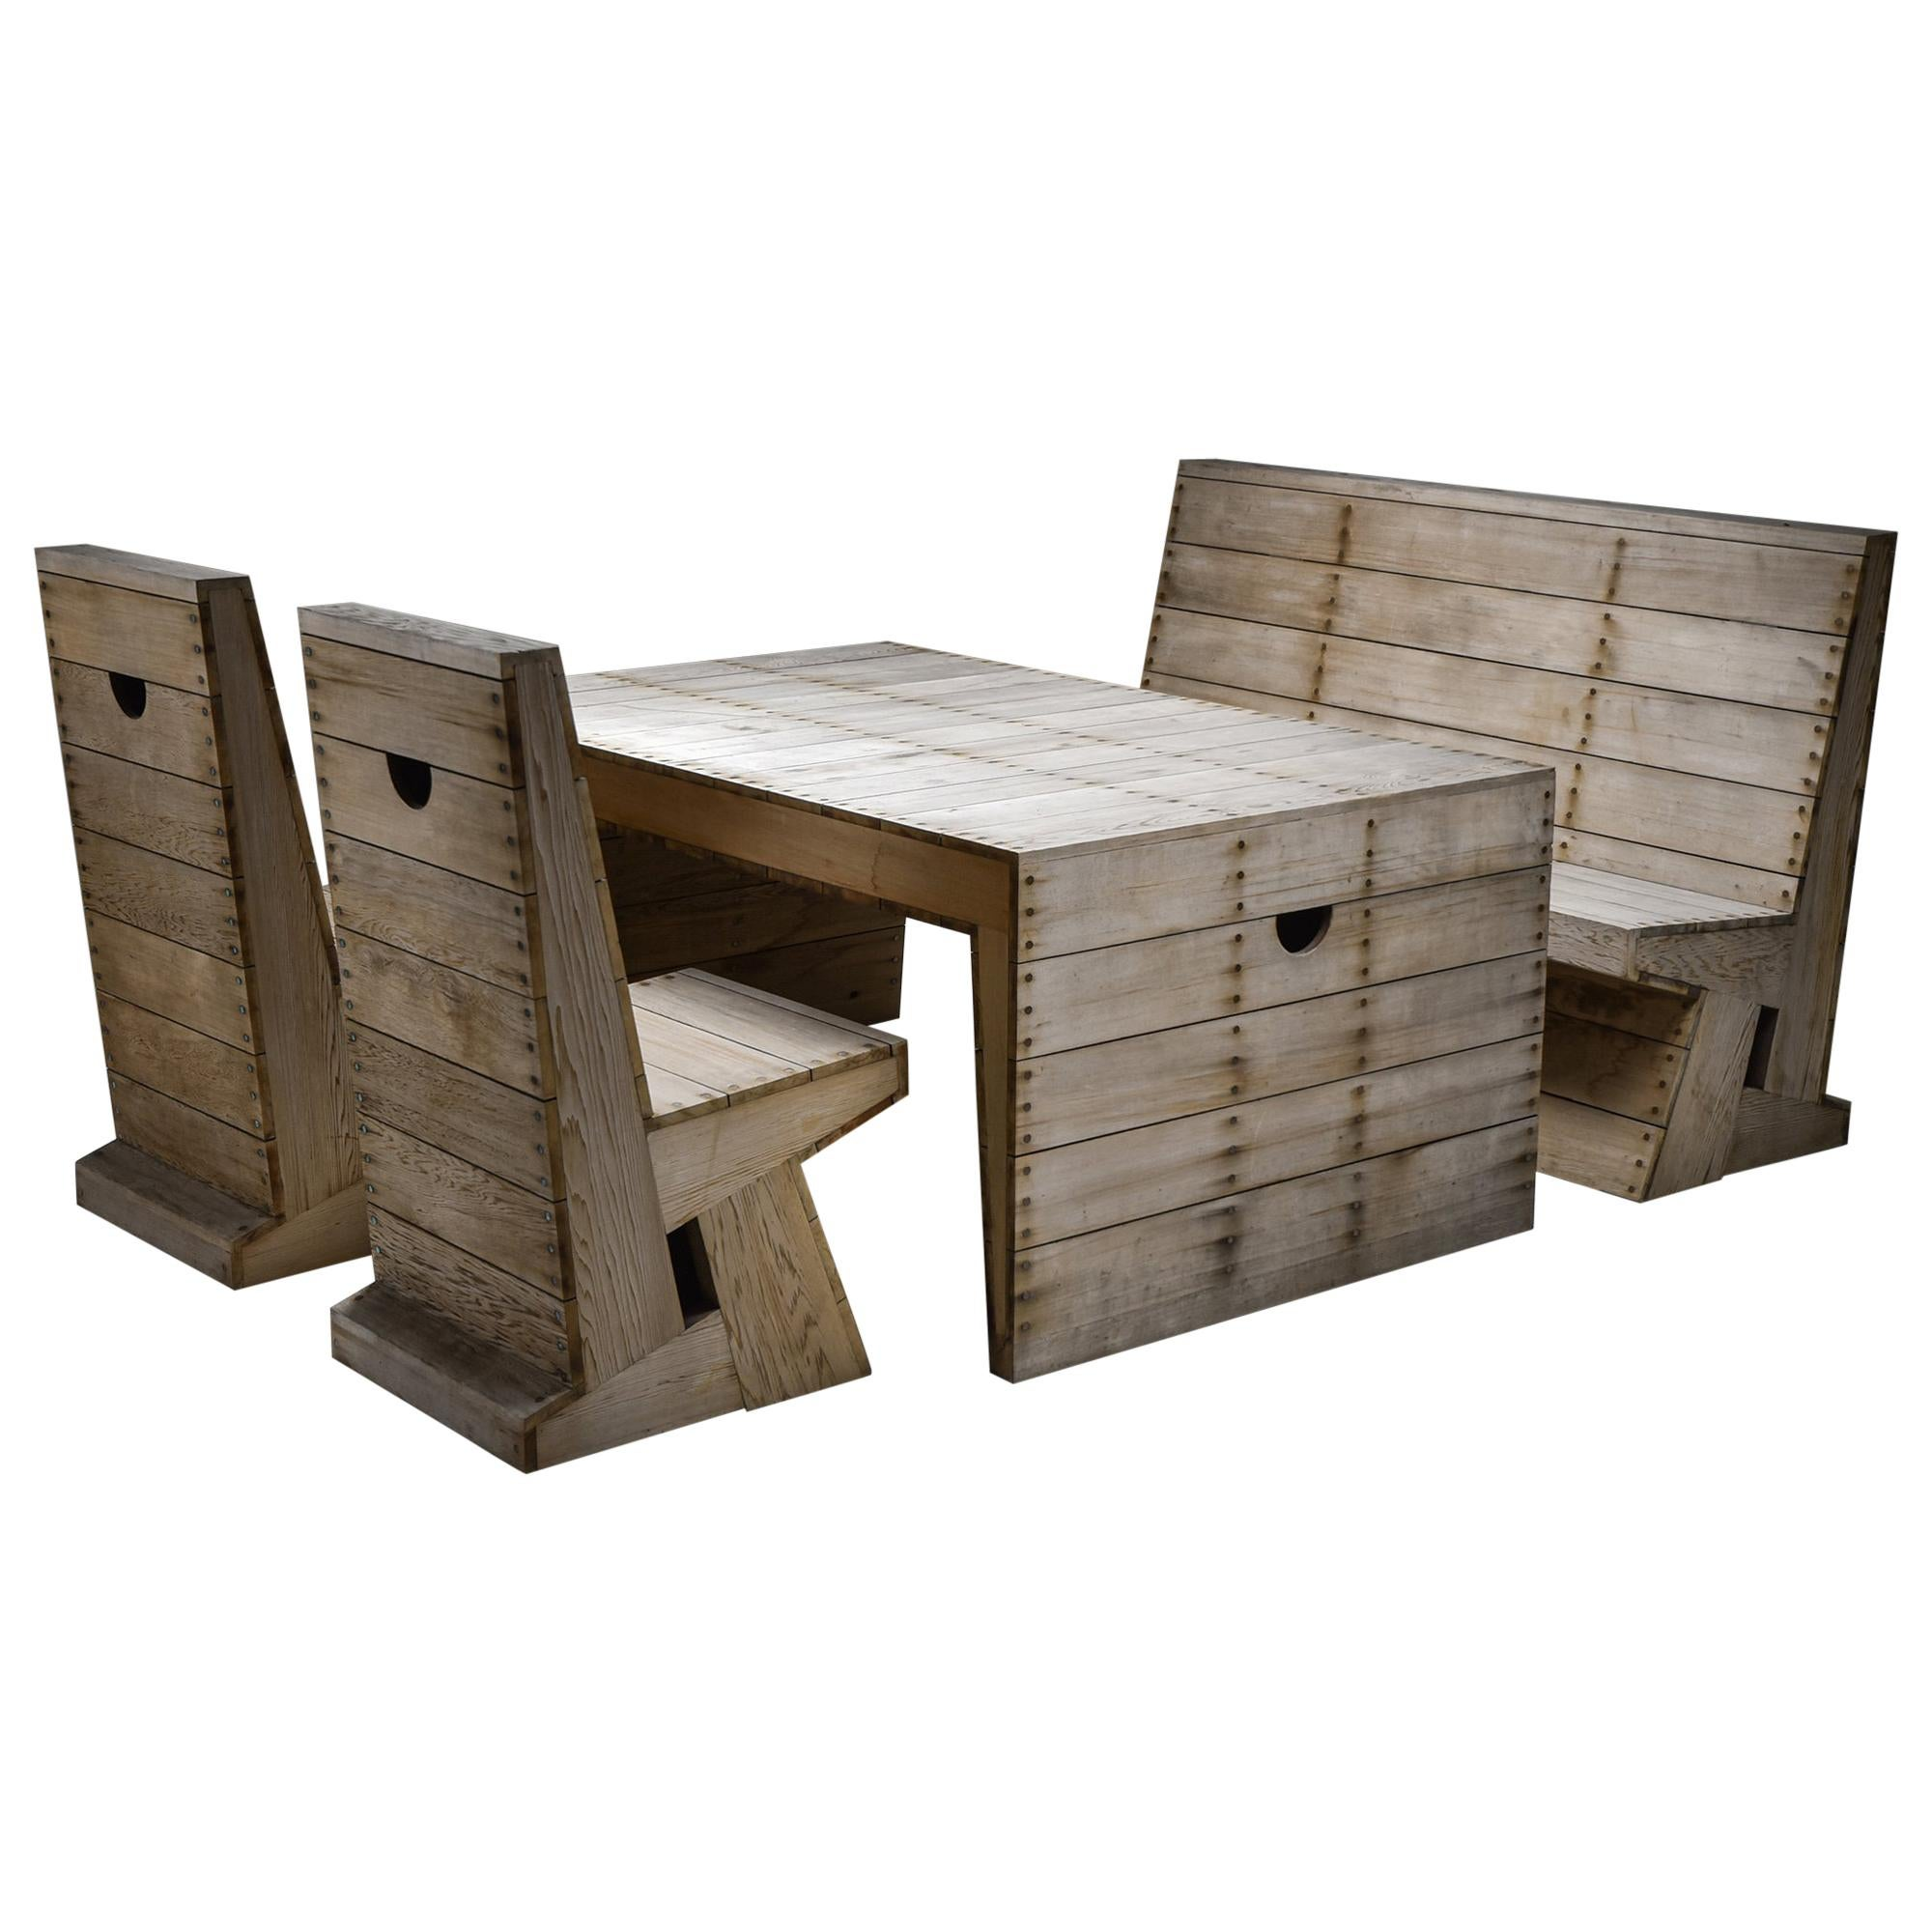 Dom Hans van der Laan & Jan De Jong Outdoor Dining Set